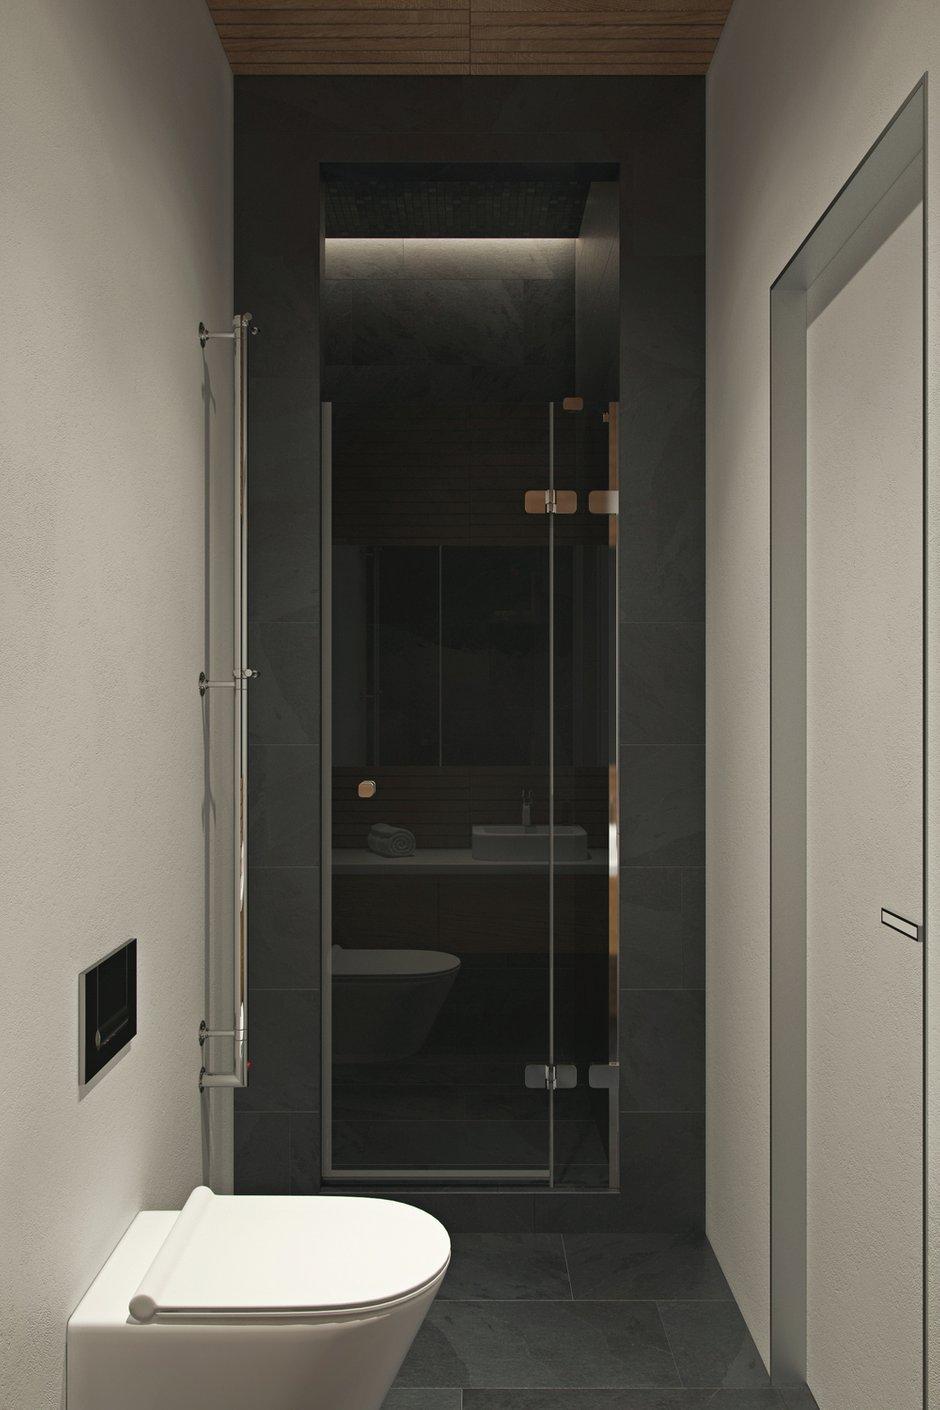 Фотография: Ванная в стиле Современный, Квартира, Проект недели, Москва, Geometrium, 3 комнаты, Более 90 метров, Монолитно-кирпичный, ЖК «Александр» – фото на INMYROOM